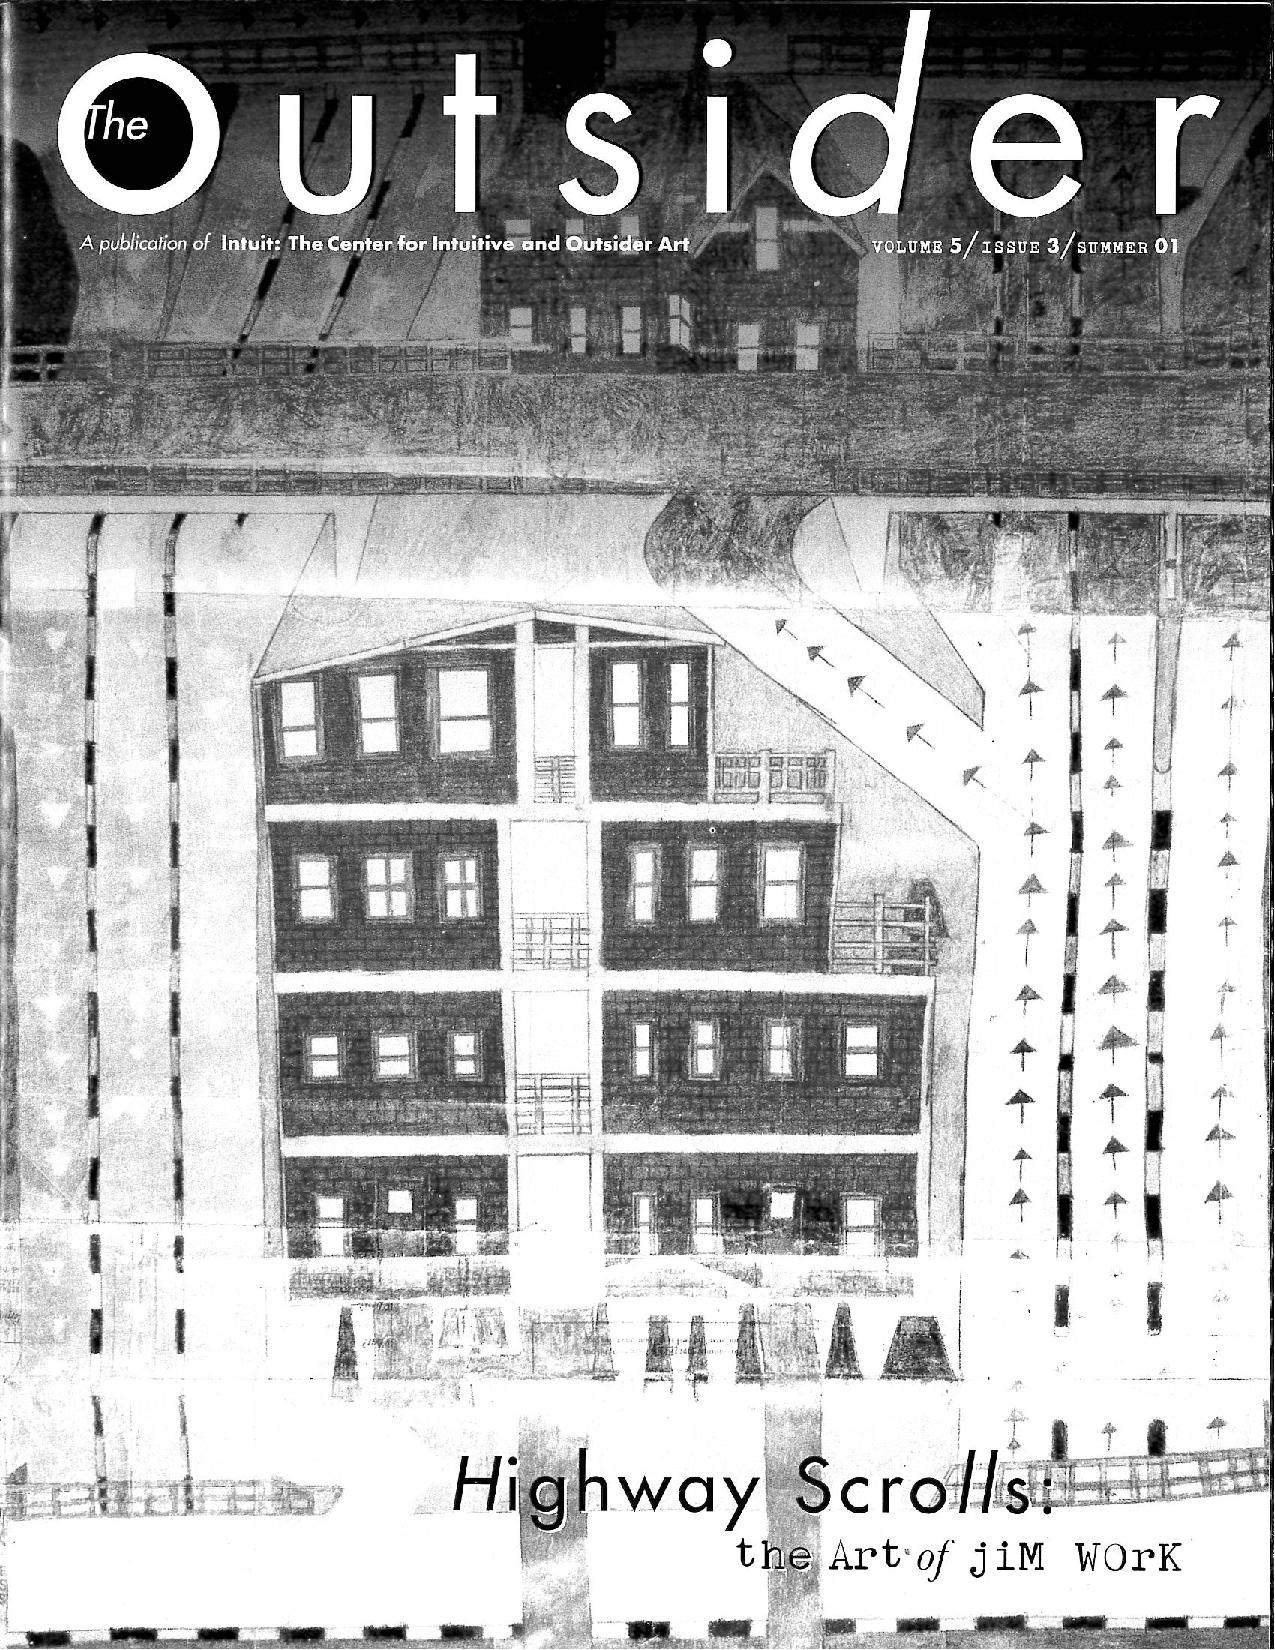 Volume 5 Issue 3 2001